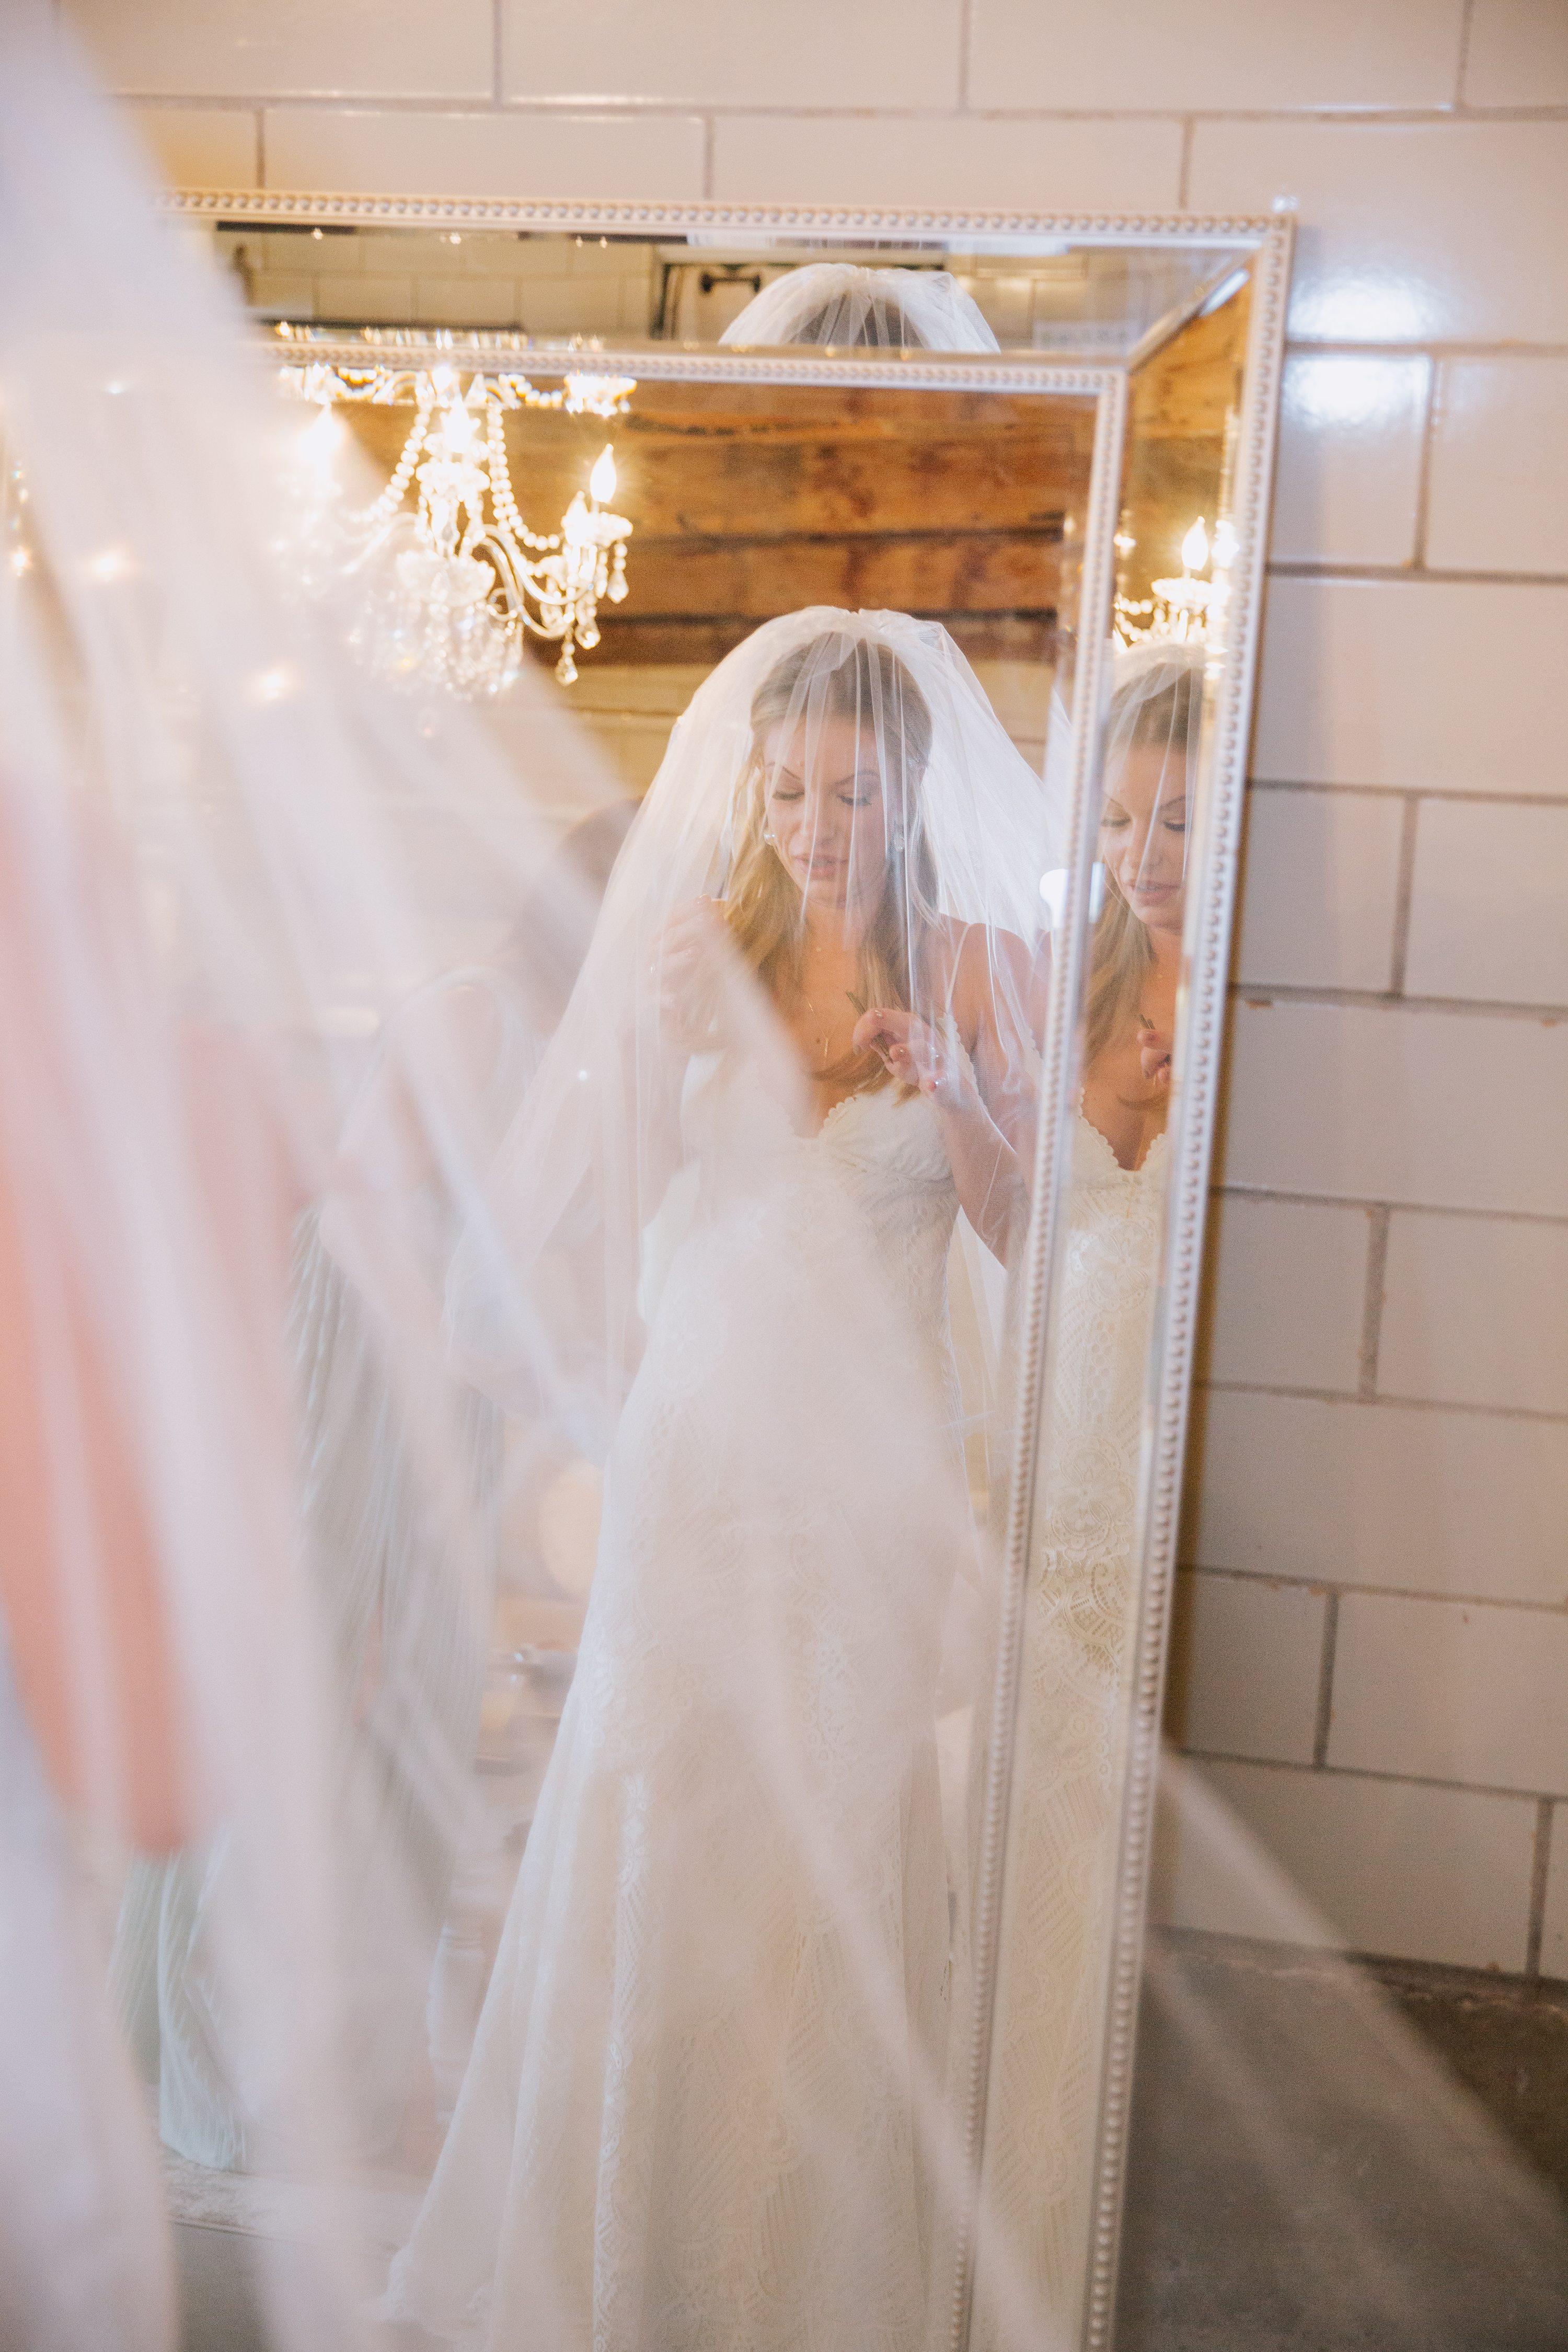 bride getting ready,bridein mirror,veil